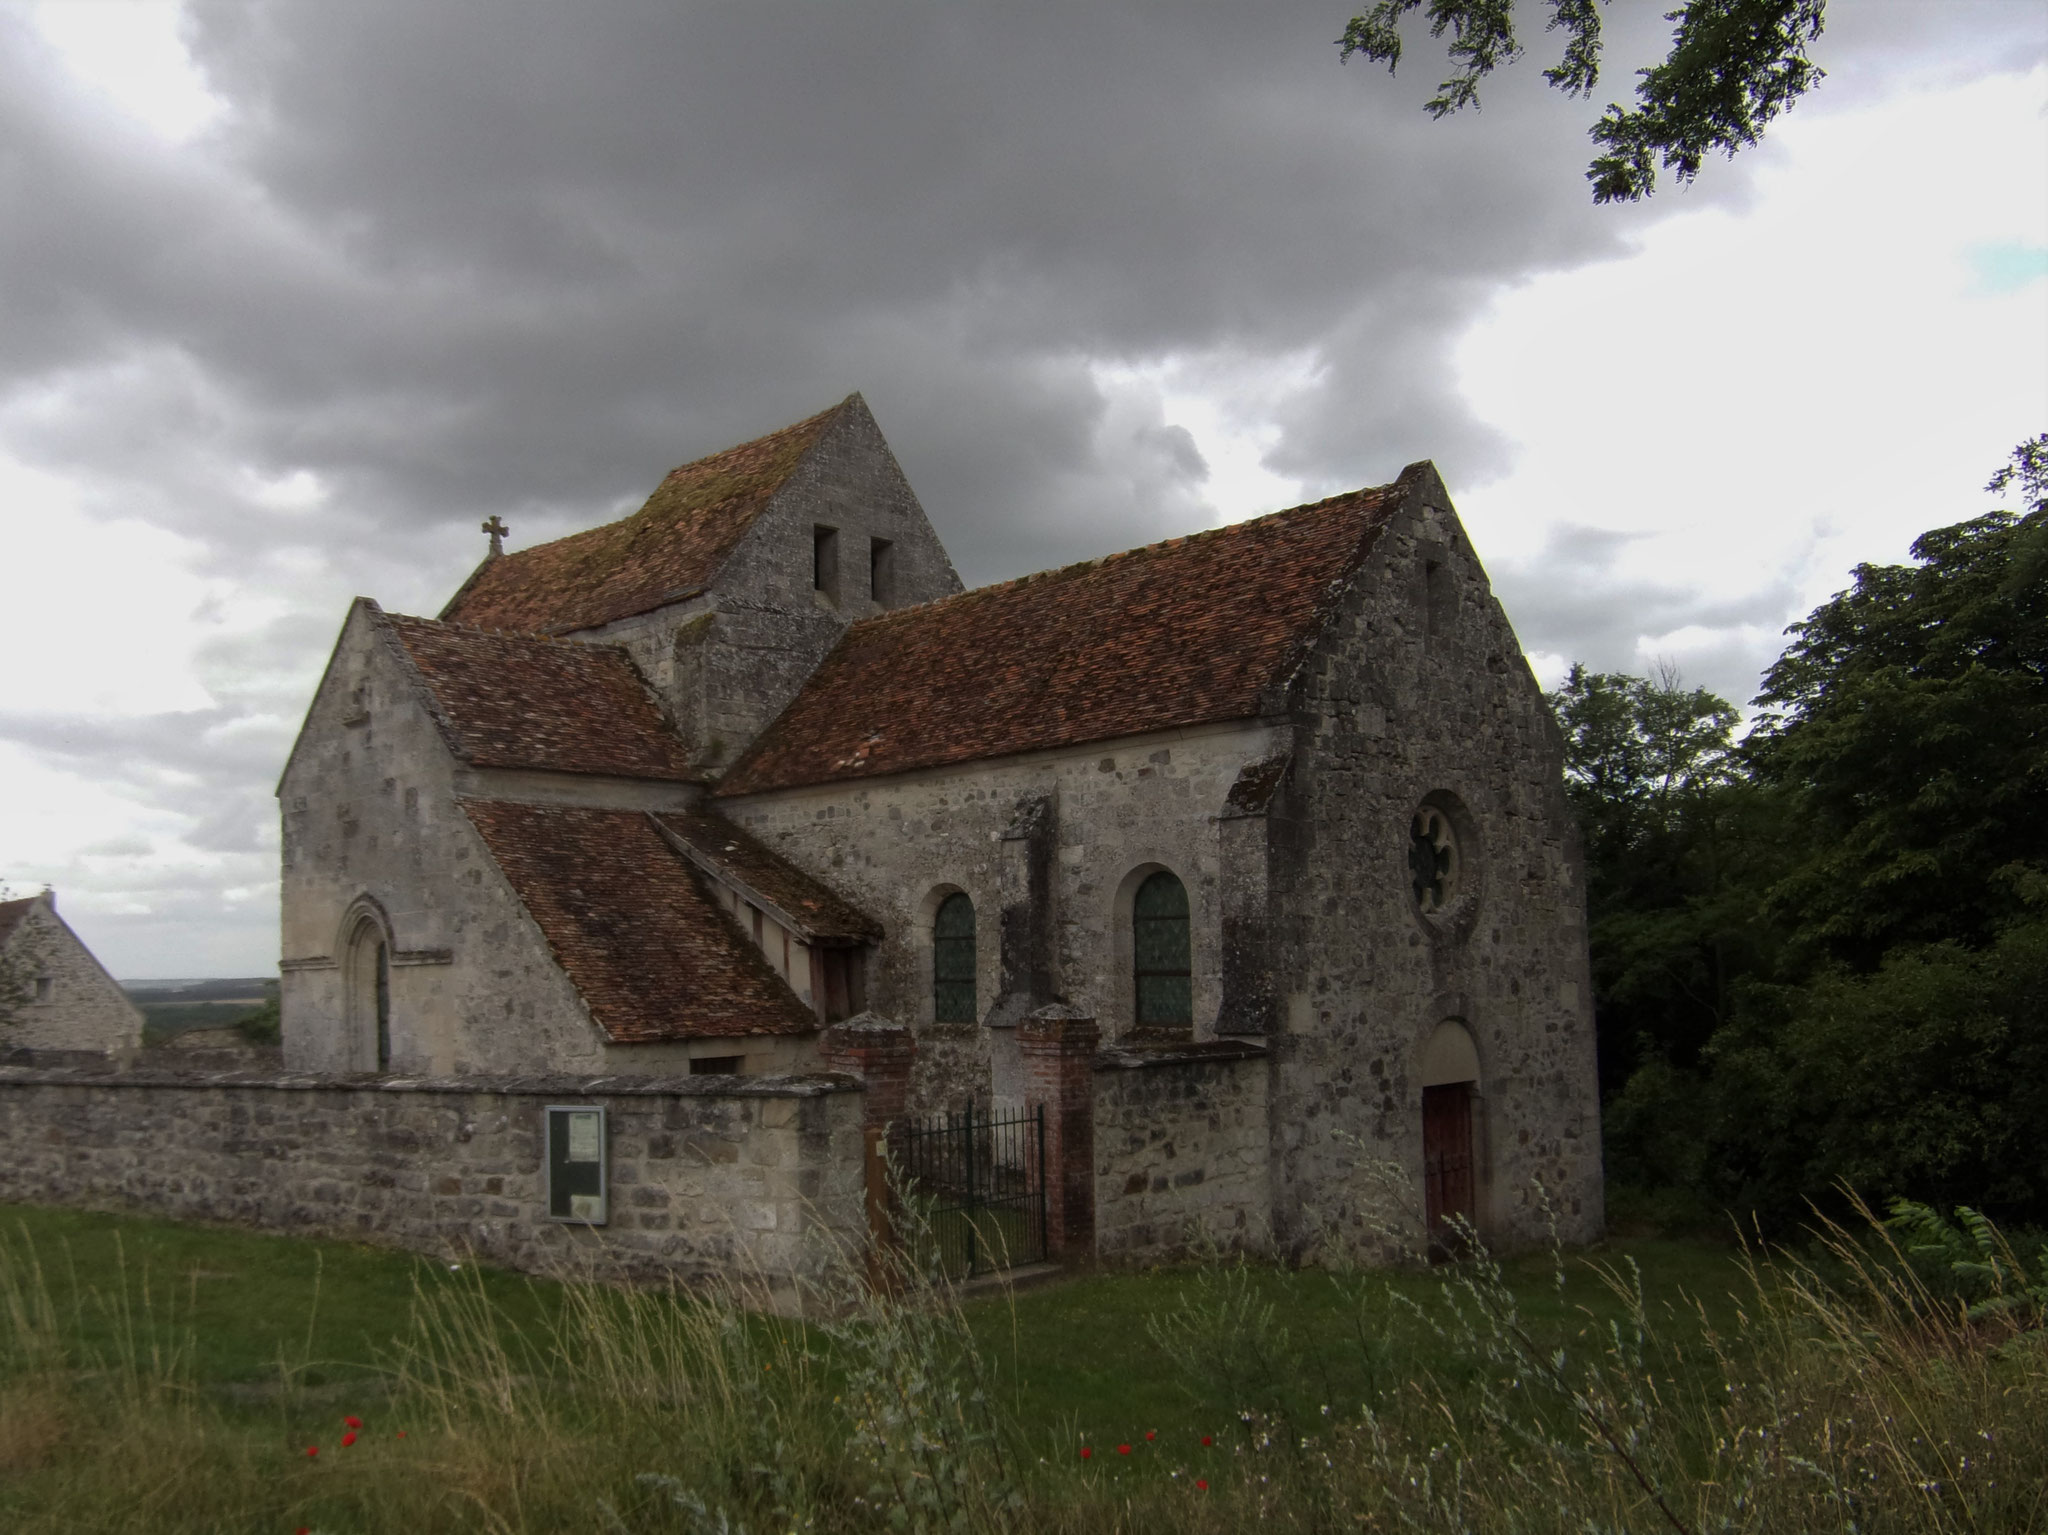 Eglise de Cugny(hameau)